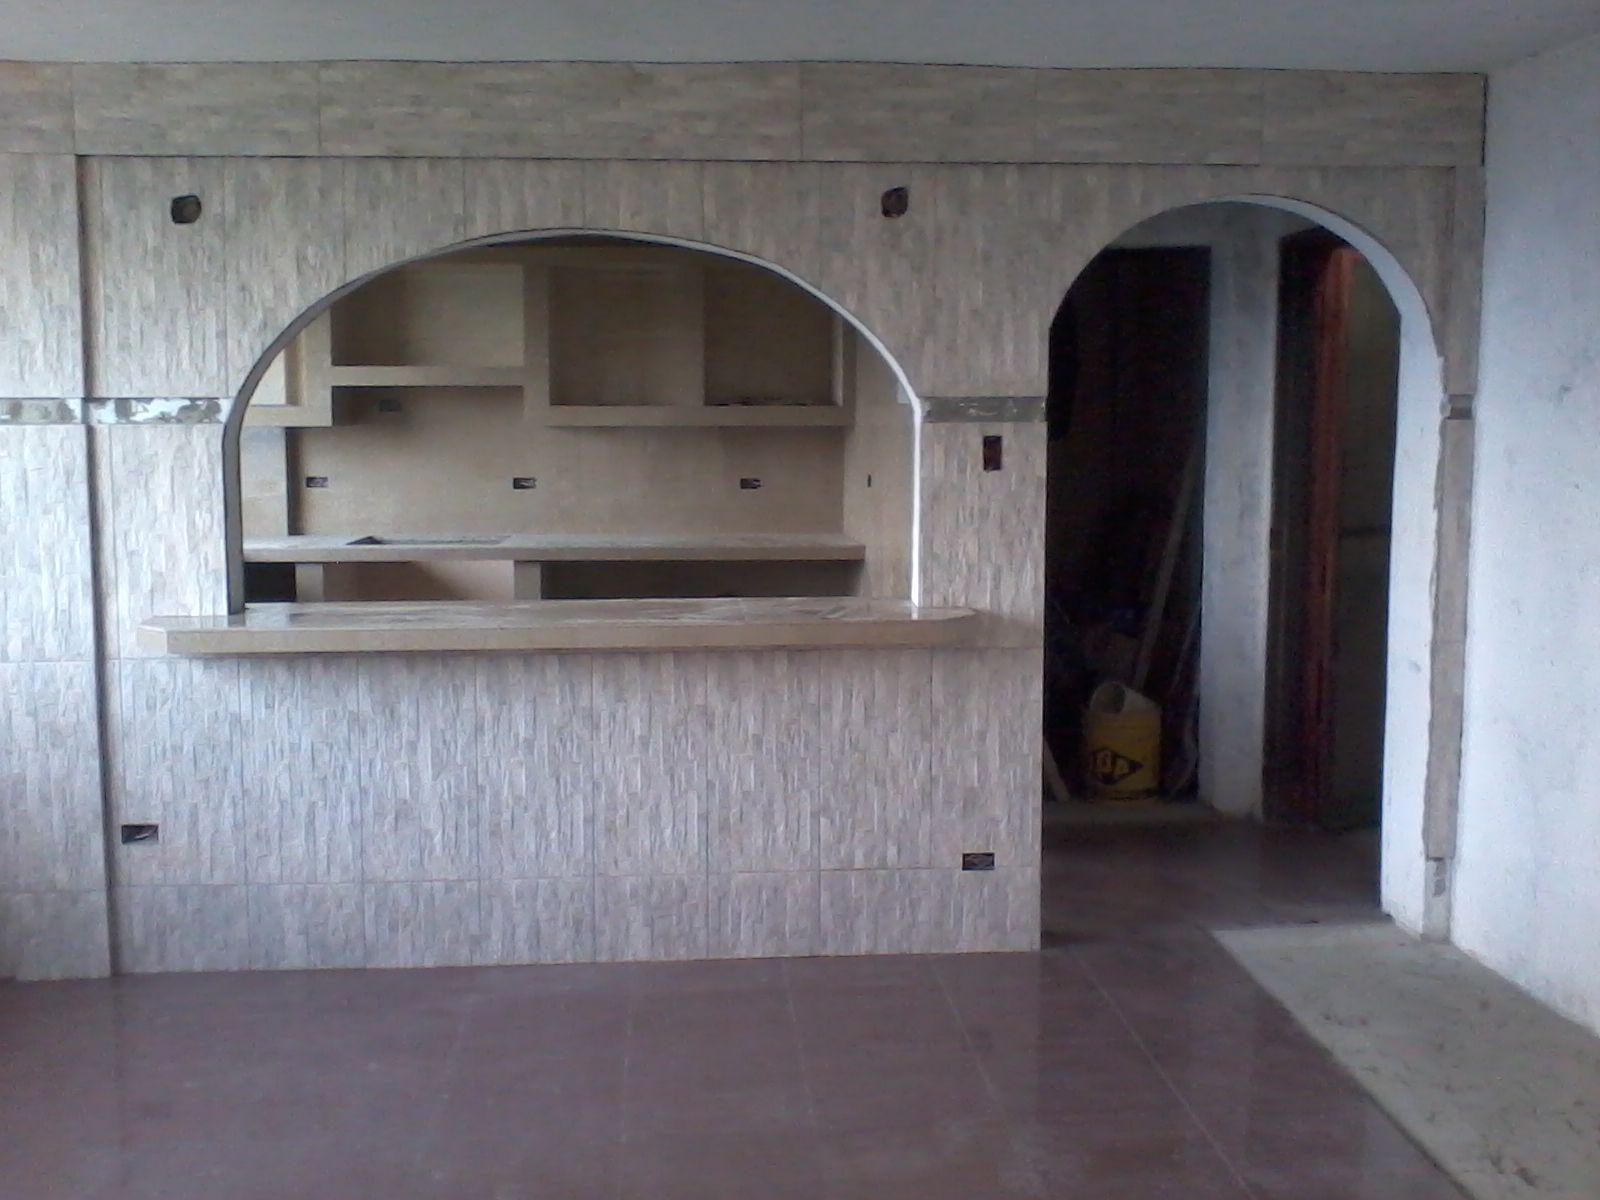 Pared divisoria forrada con cer mica rustica y piso de for Grado medio decoracion de interiores